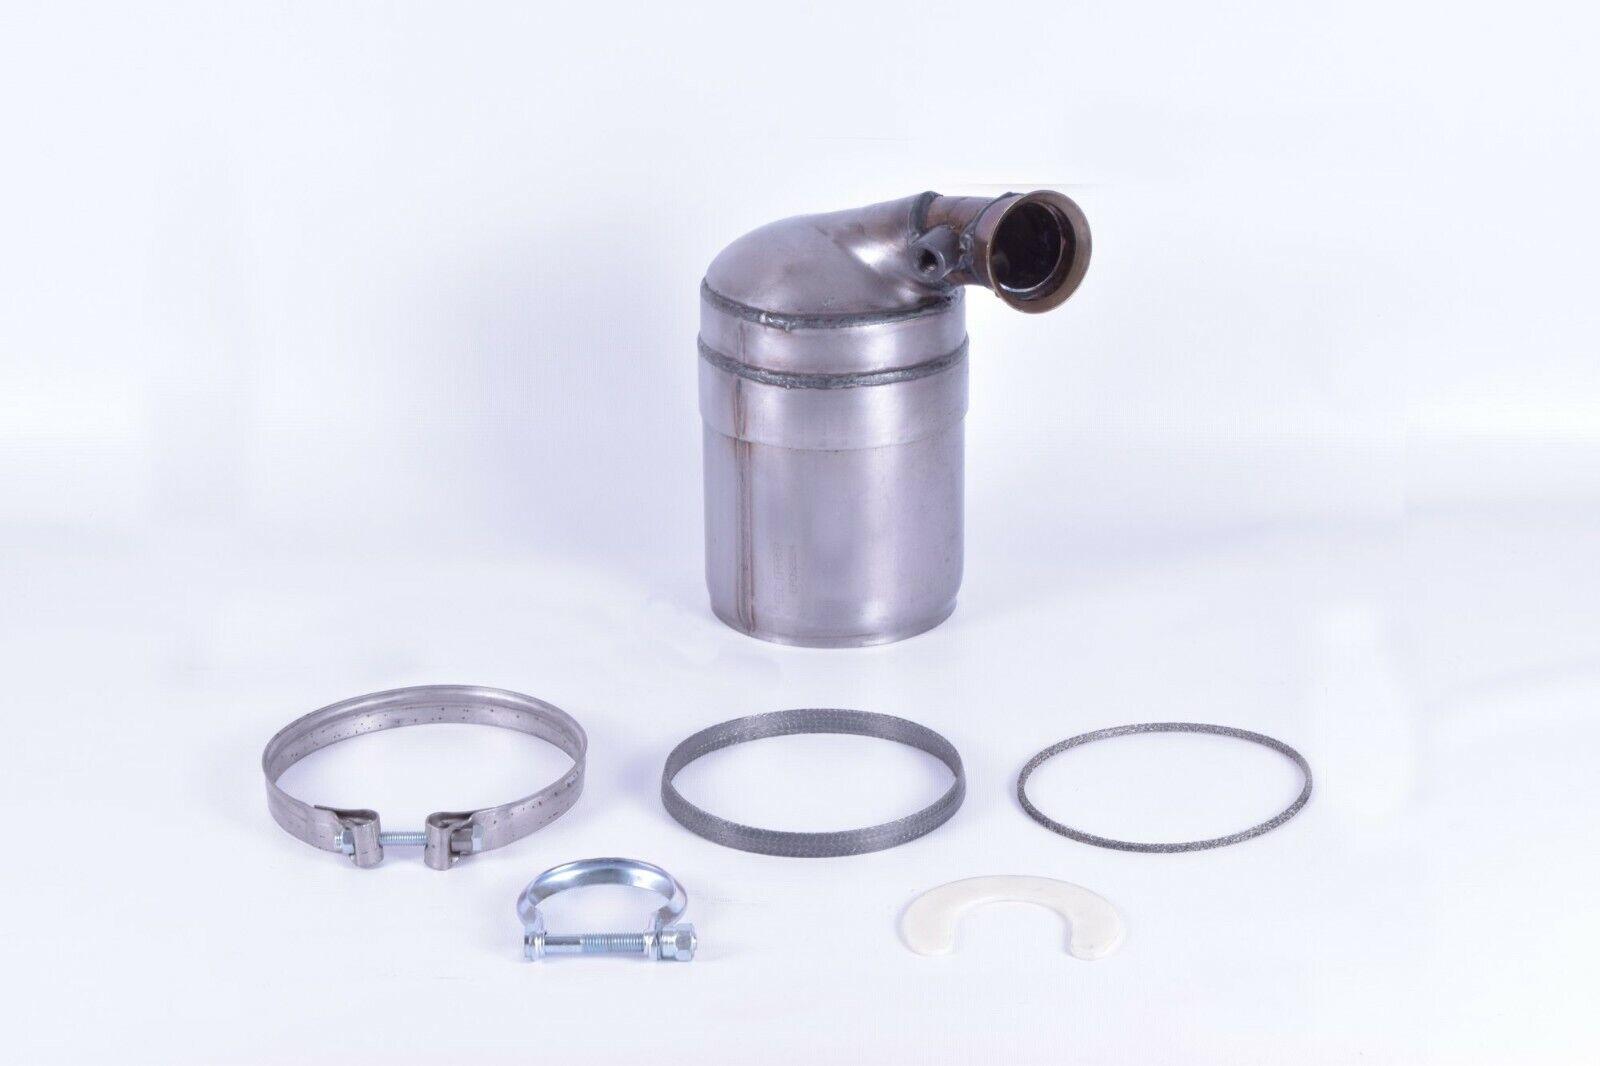 CITROEN PEUGEOT MINI 1.6 Convertisseur Catalytique /& Diesel Filtre à particules Cat Dpf